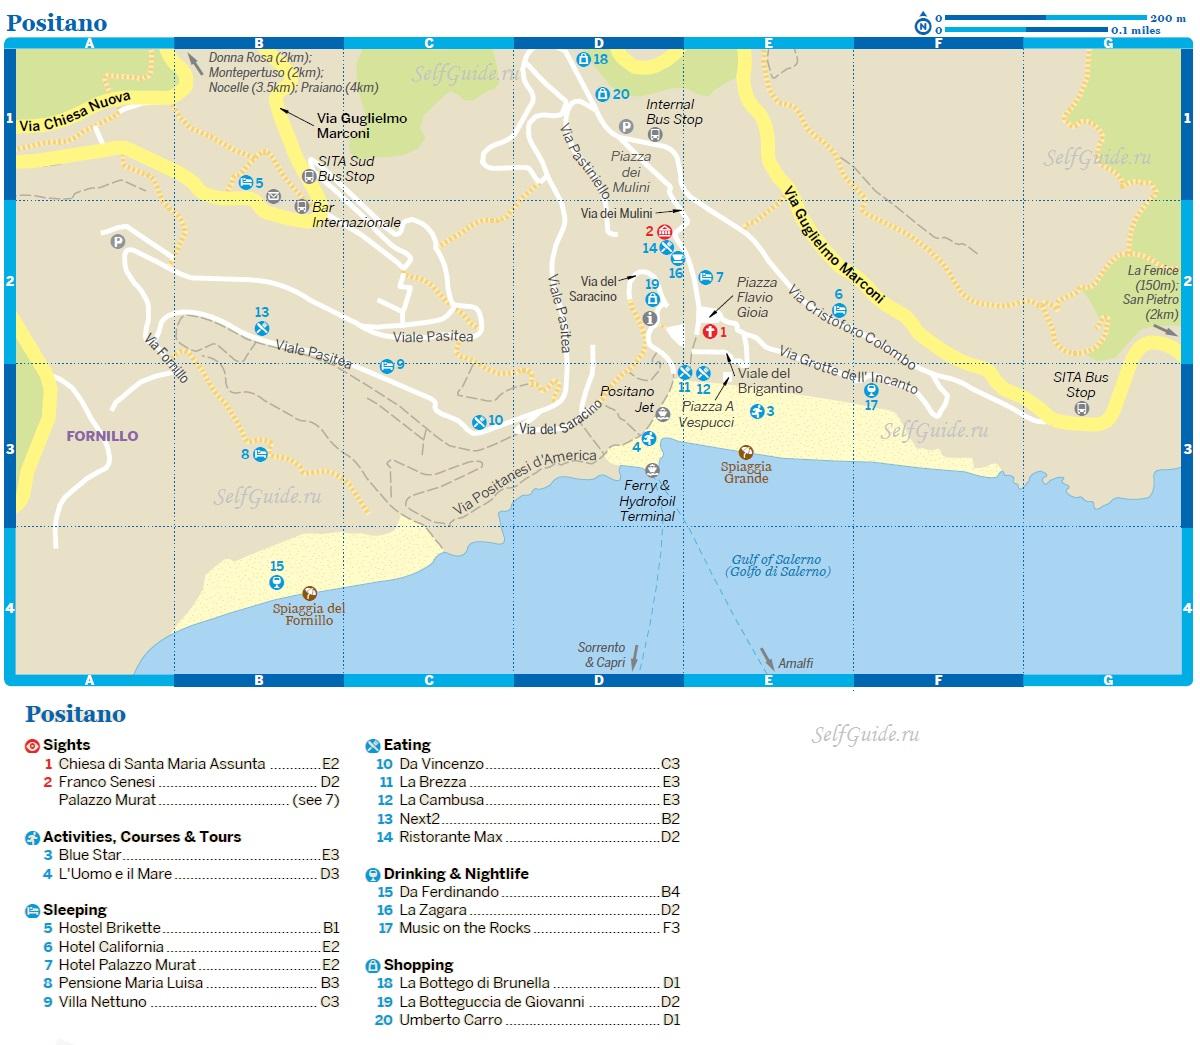 positano-map